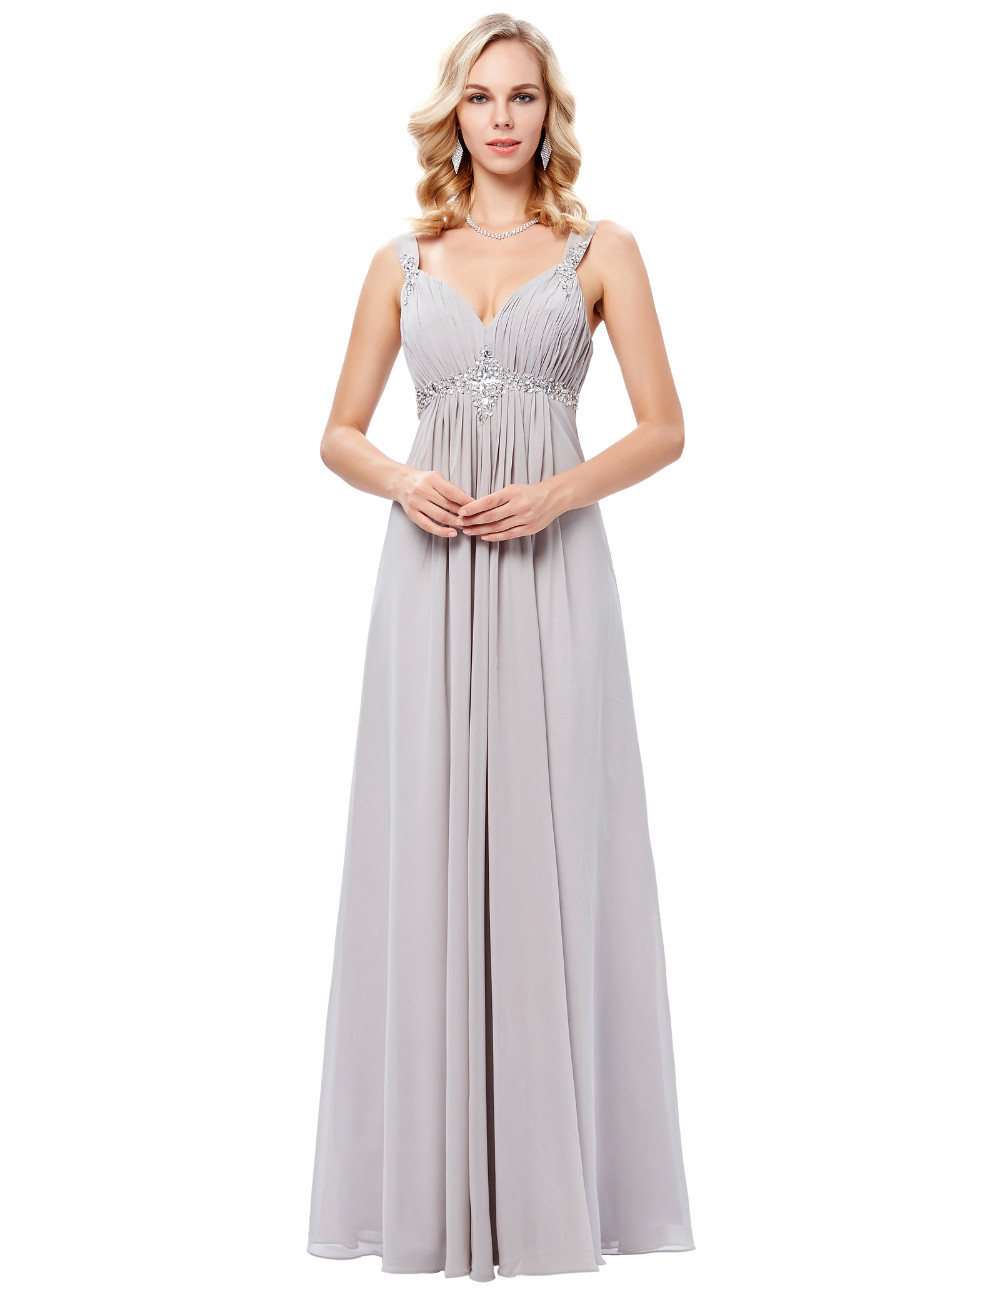 HTB1Xw.xOFXXXXbjXXXXq6xXFXXXKLong Formal Dress Elegant Floor Length Chiffon Dress